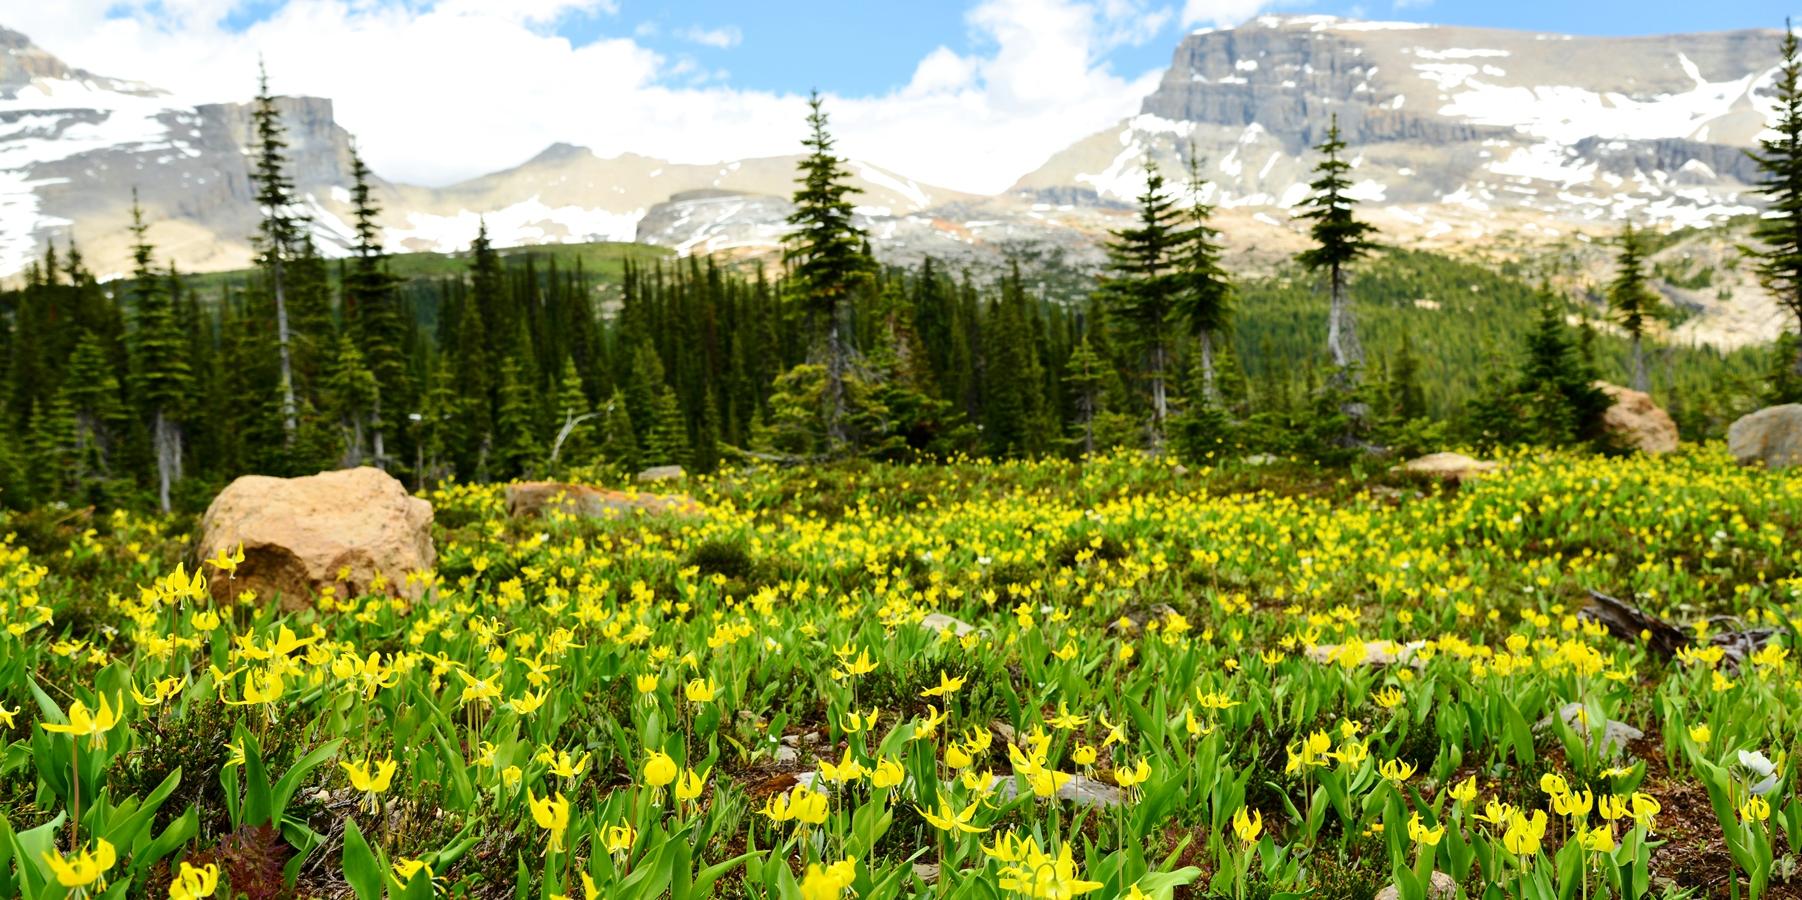 7月上旬は黄色カタクリの群落が楽しめることも(開花時期は年により異なります)